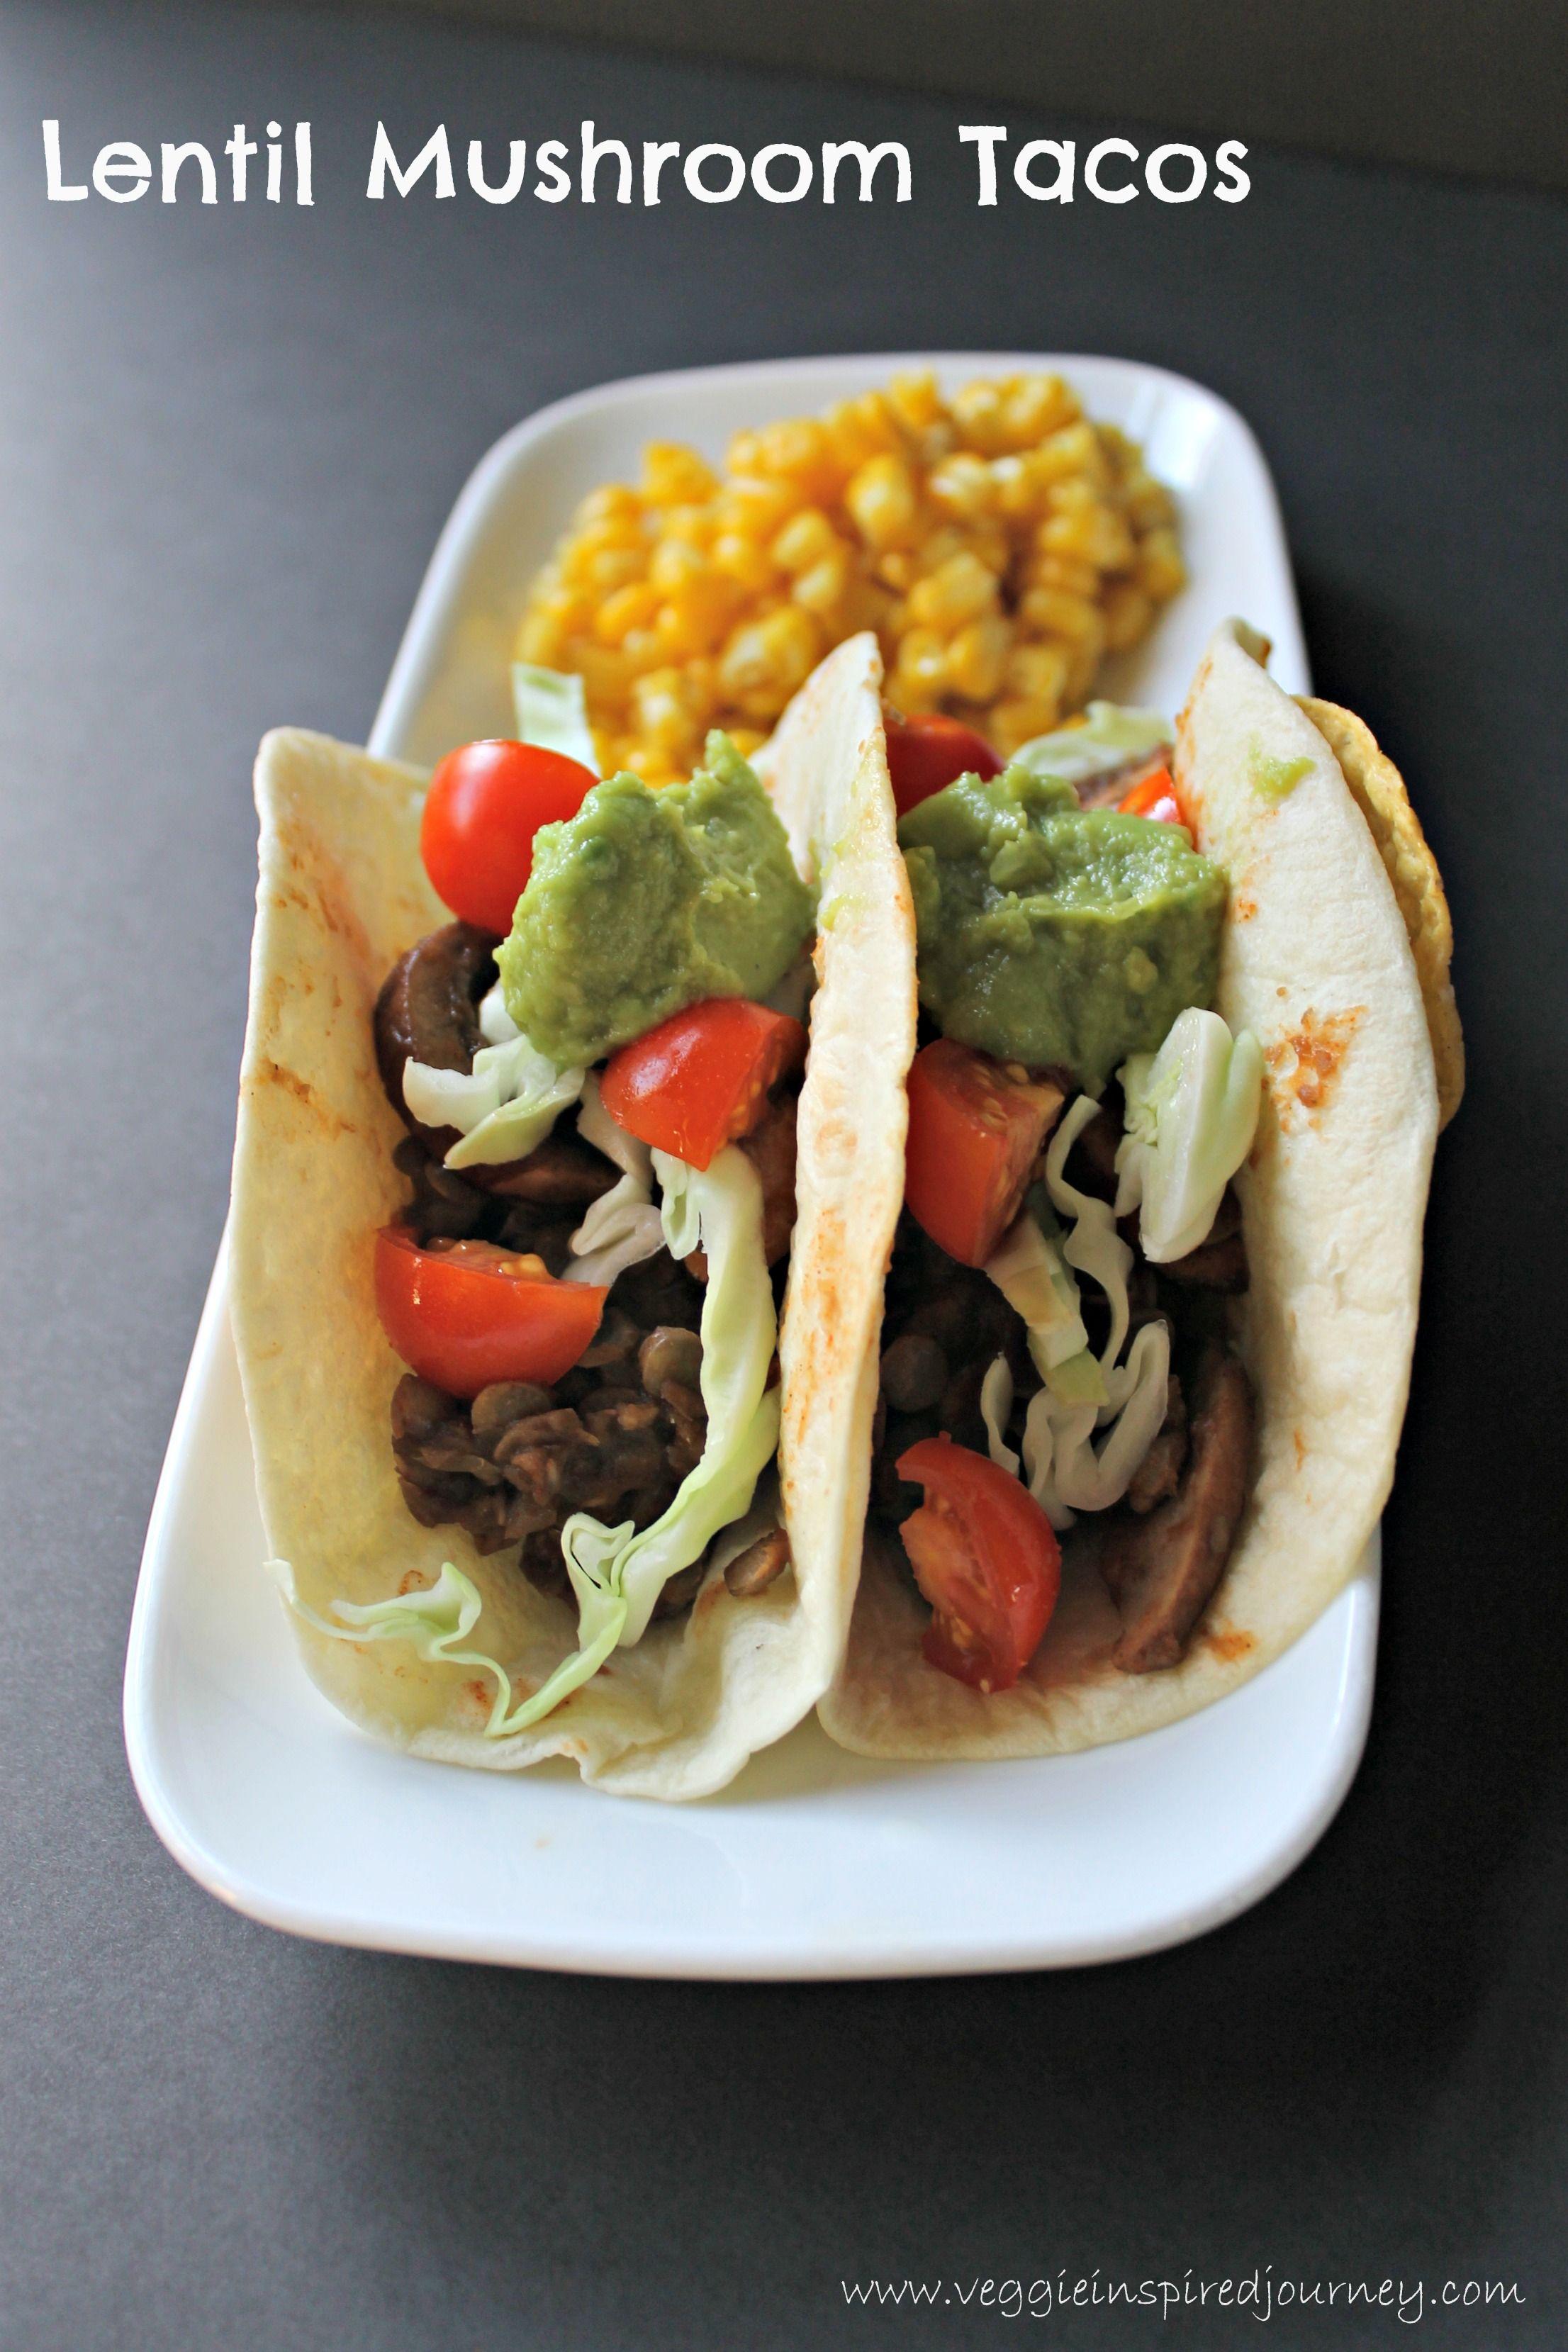 Lentil Mushroom Tacos